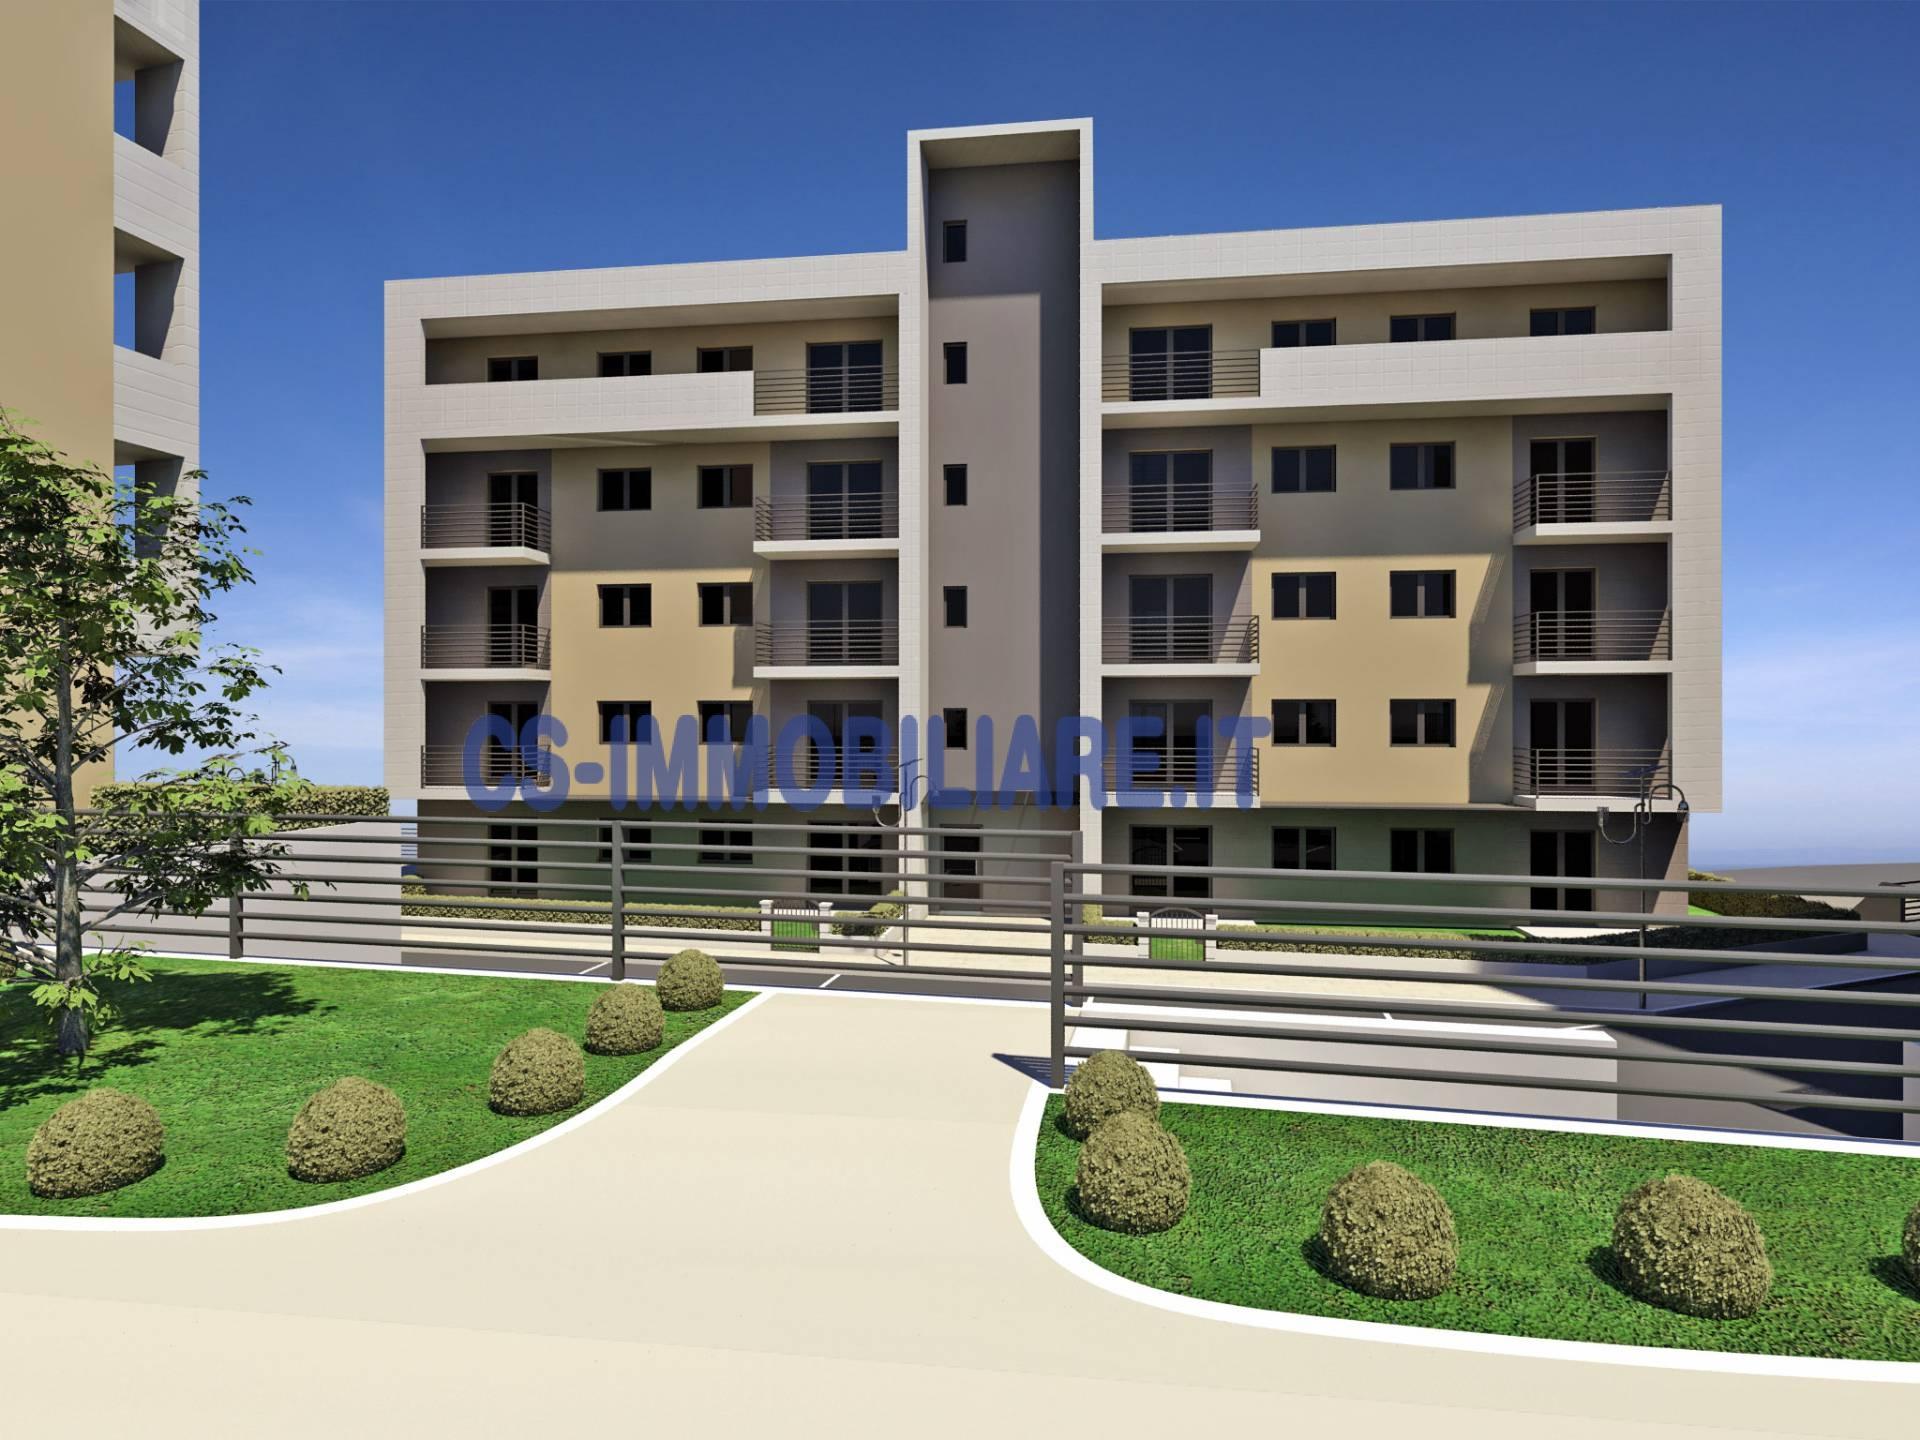 Appartamento in vendita a Potenza, 5 locali, zona Località: Malvaccaro, prezzo € 212.000 | Cambio Casa.it